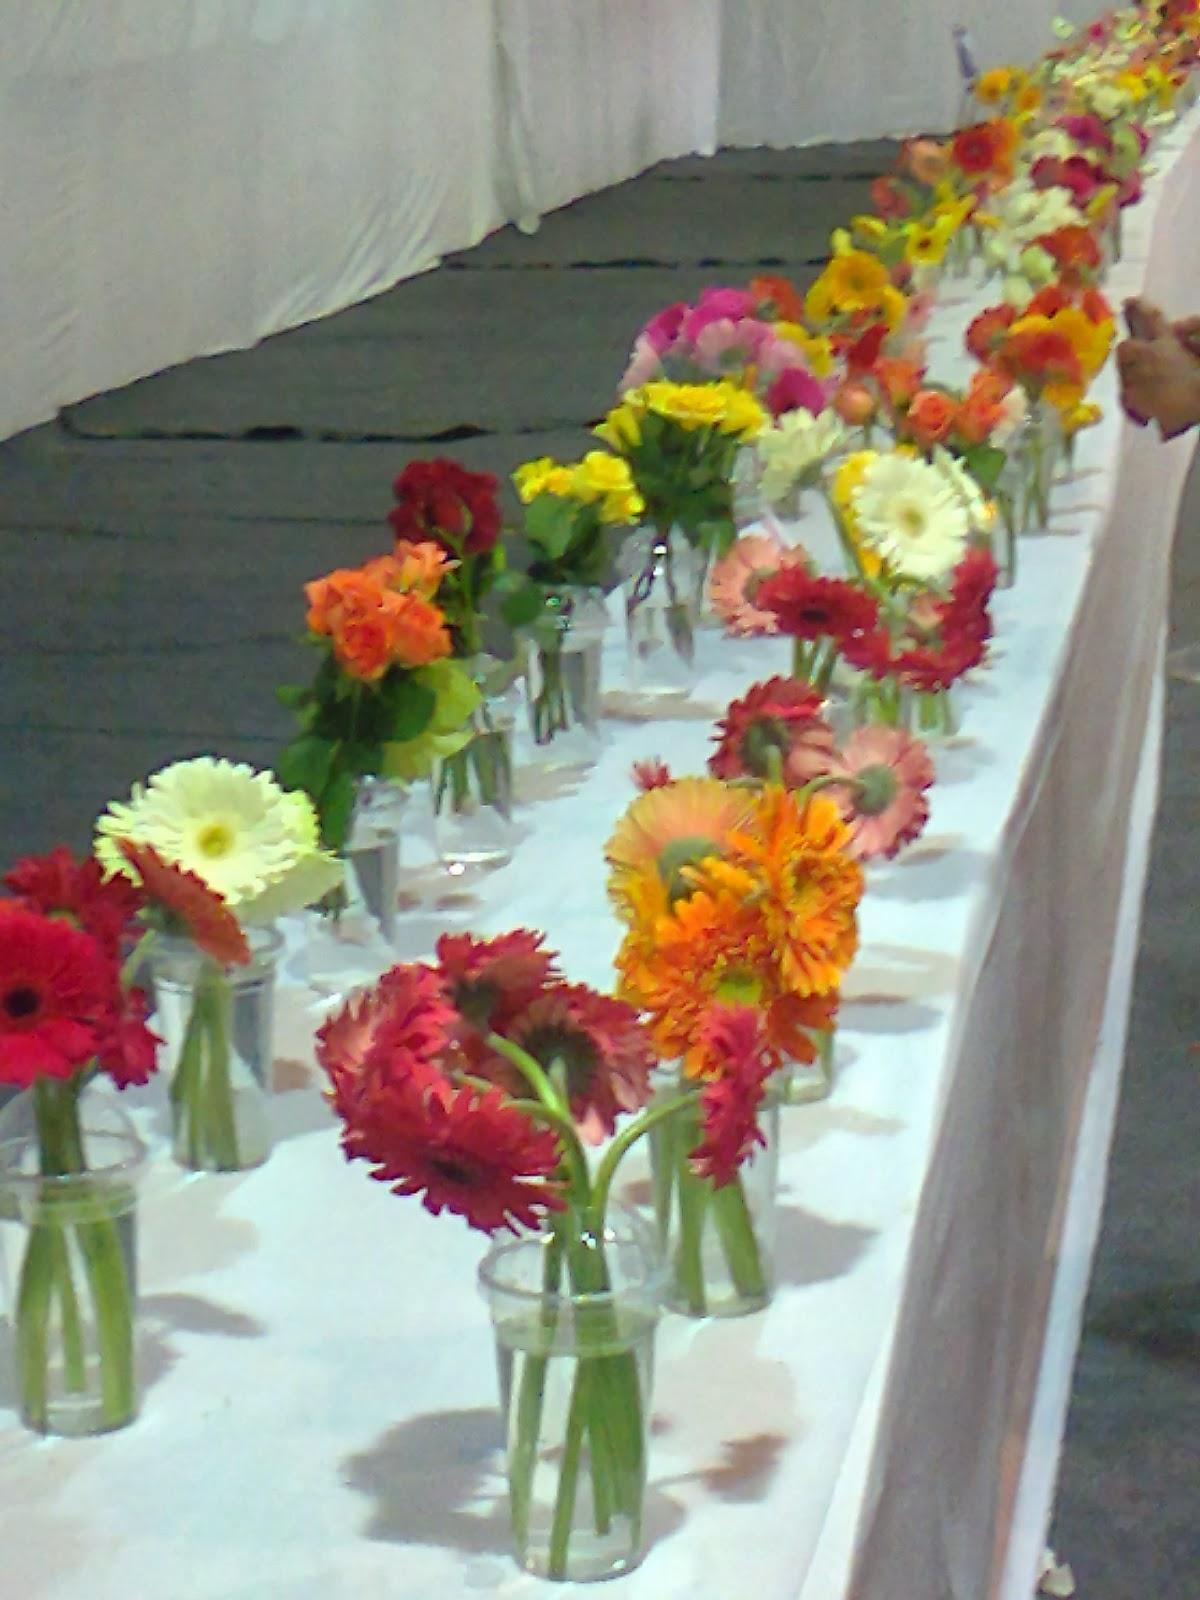 garbera cut flower varieties